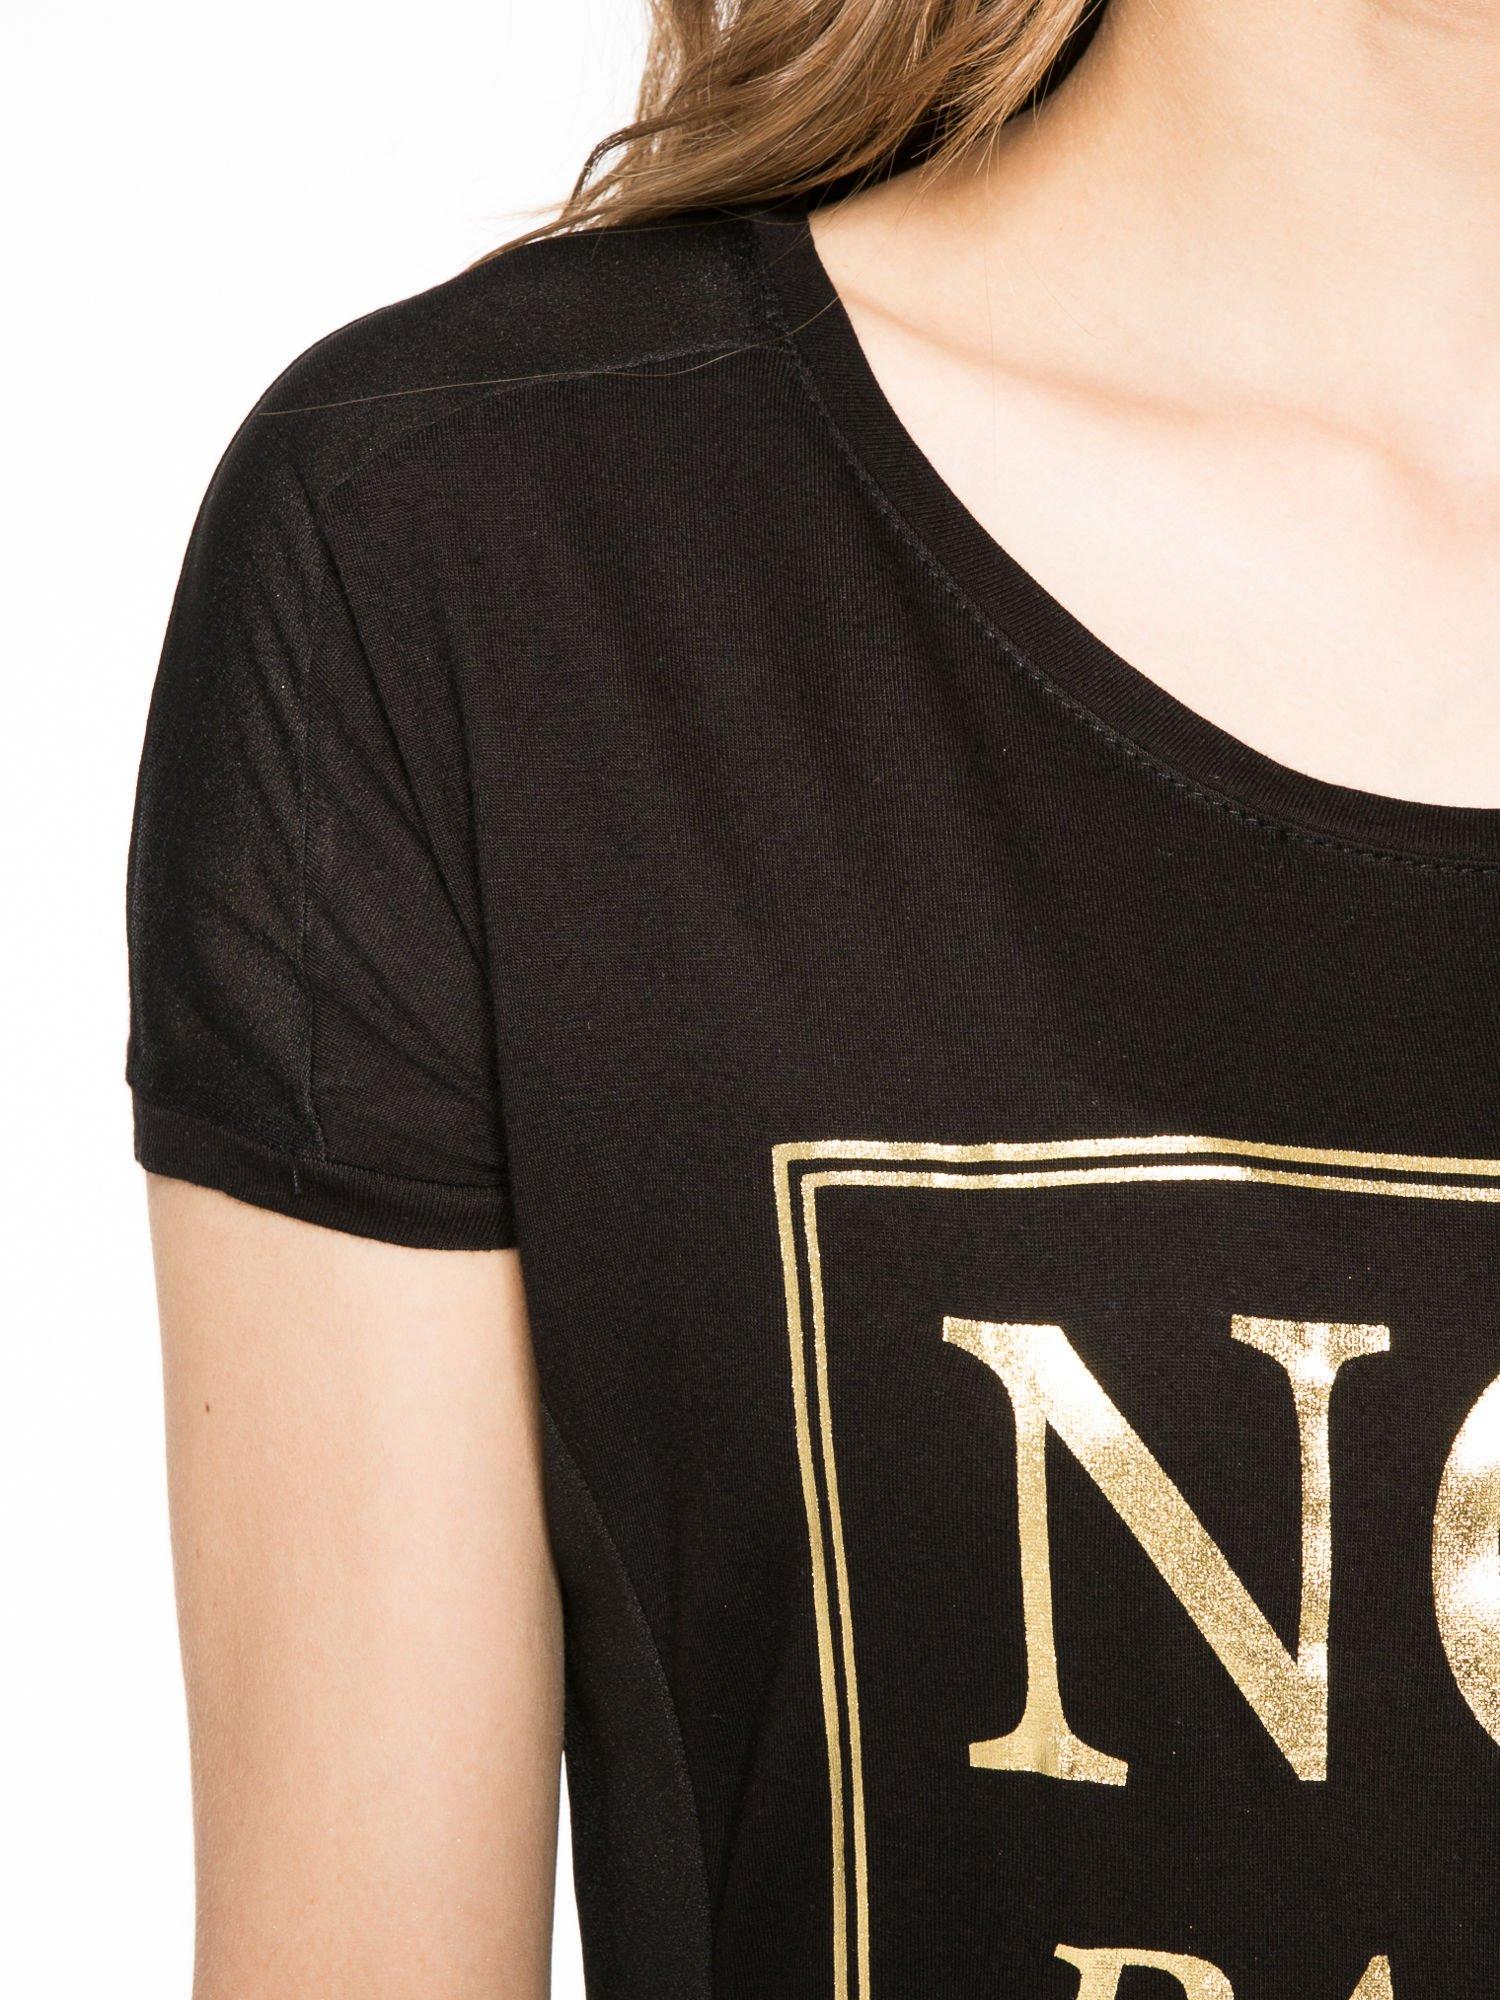 Czarny t-shirt z napisem NO MORE PARTY WITHOUT ME                                  zdj.                                  5